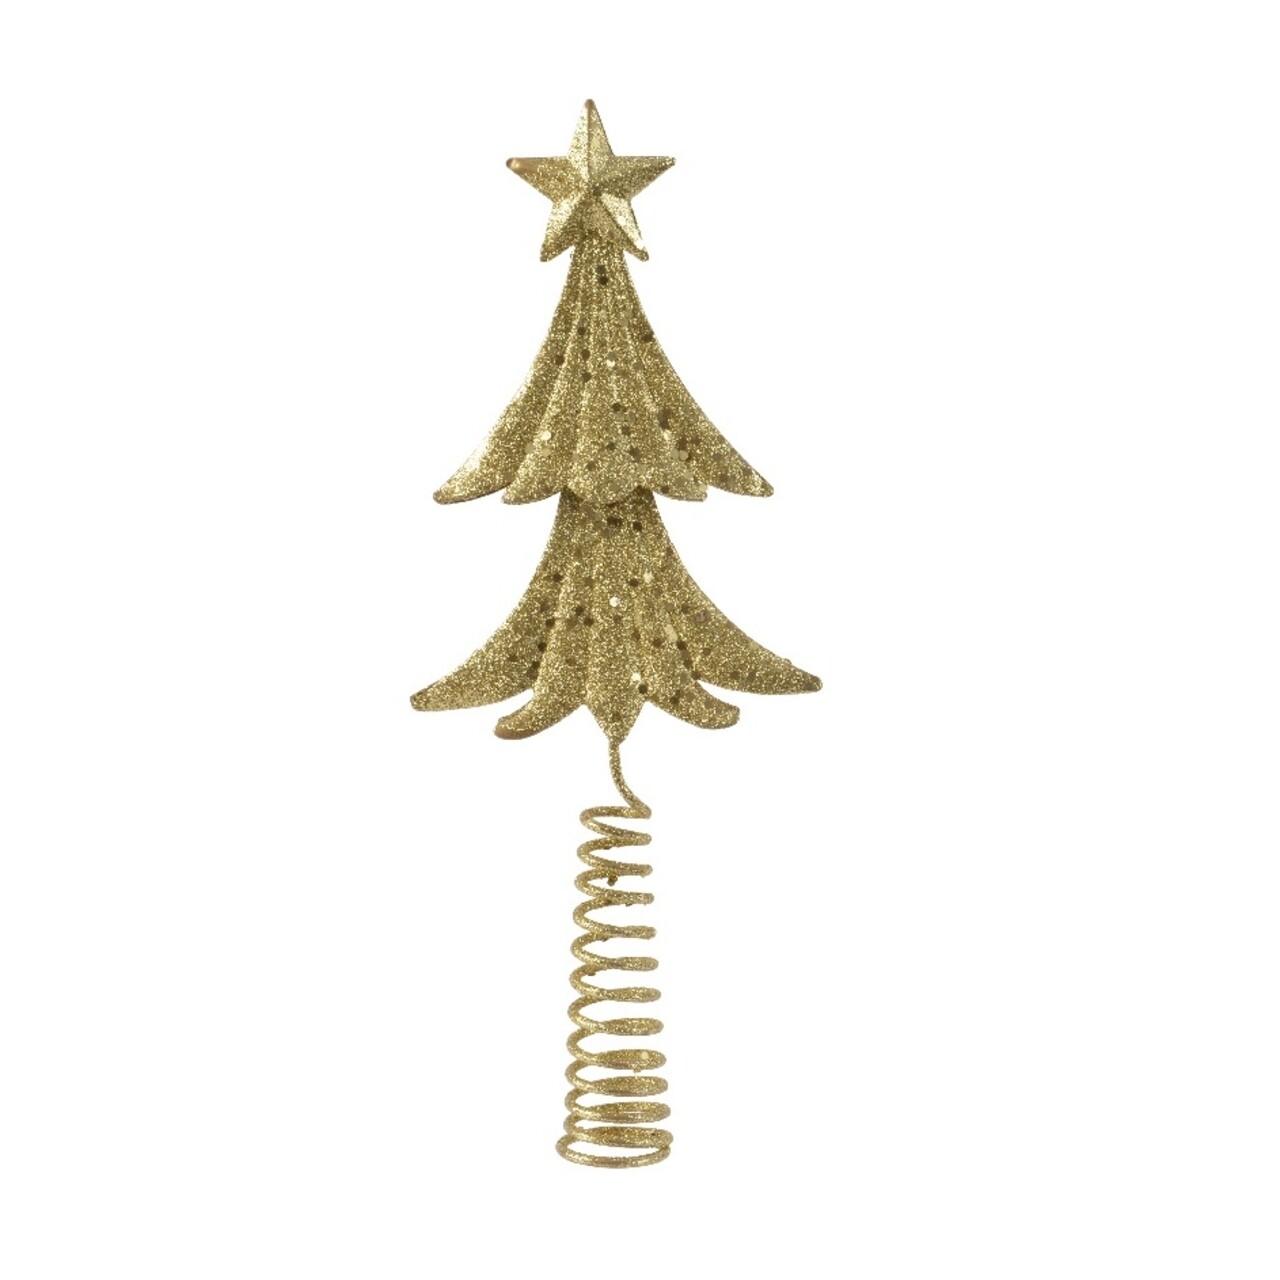 Varf decorativ pentru brad Tree, Decoris, auriu